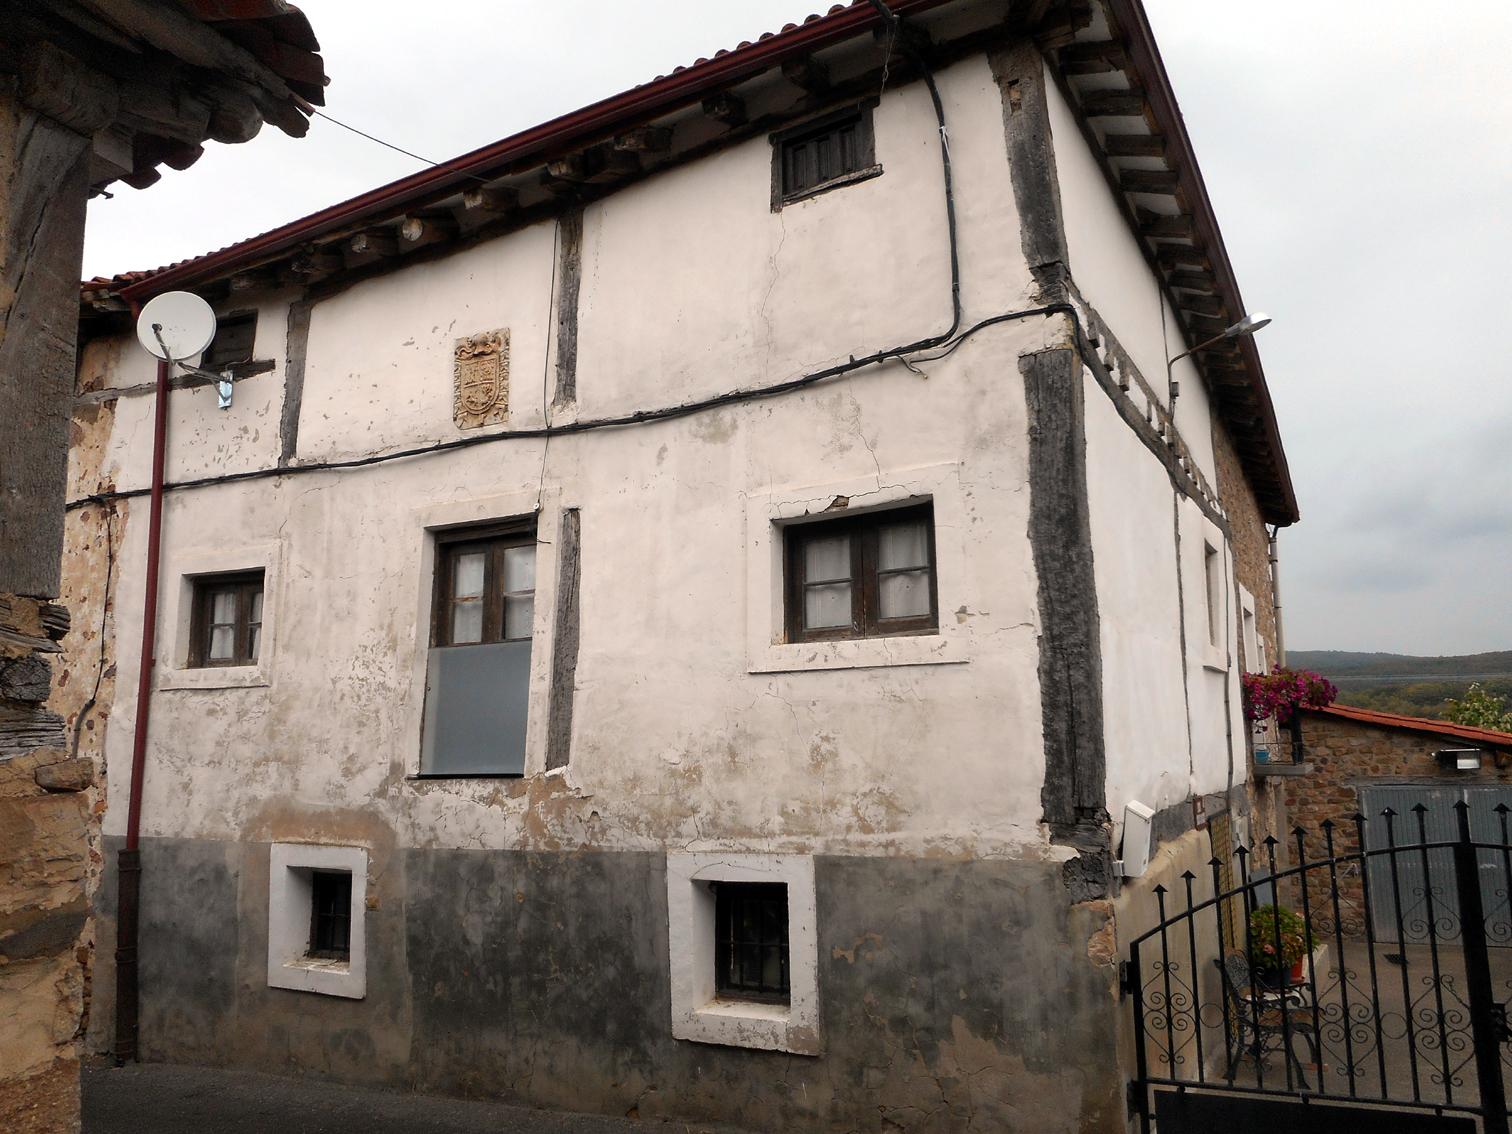 Casas solariegas en la rioja 473 lumbreras de cameros - Casas prefabricadas la rioja ...